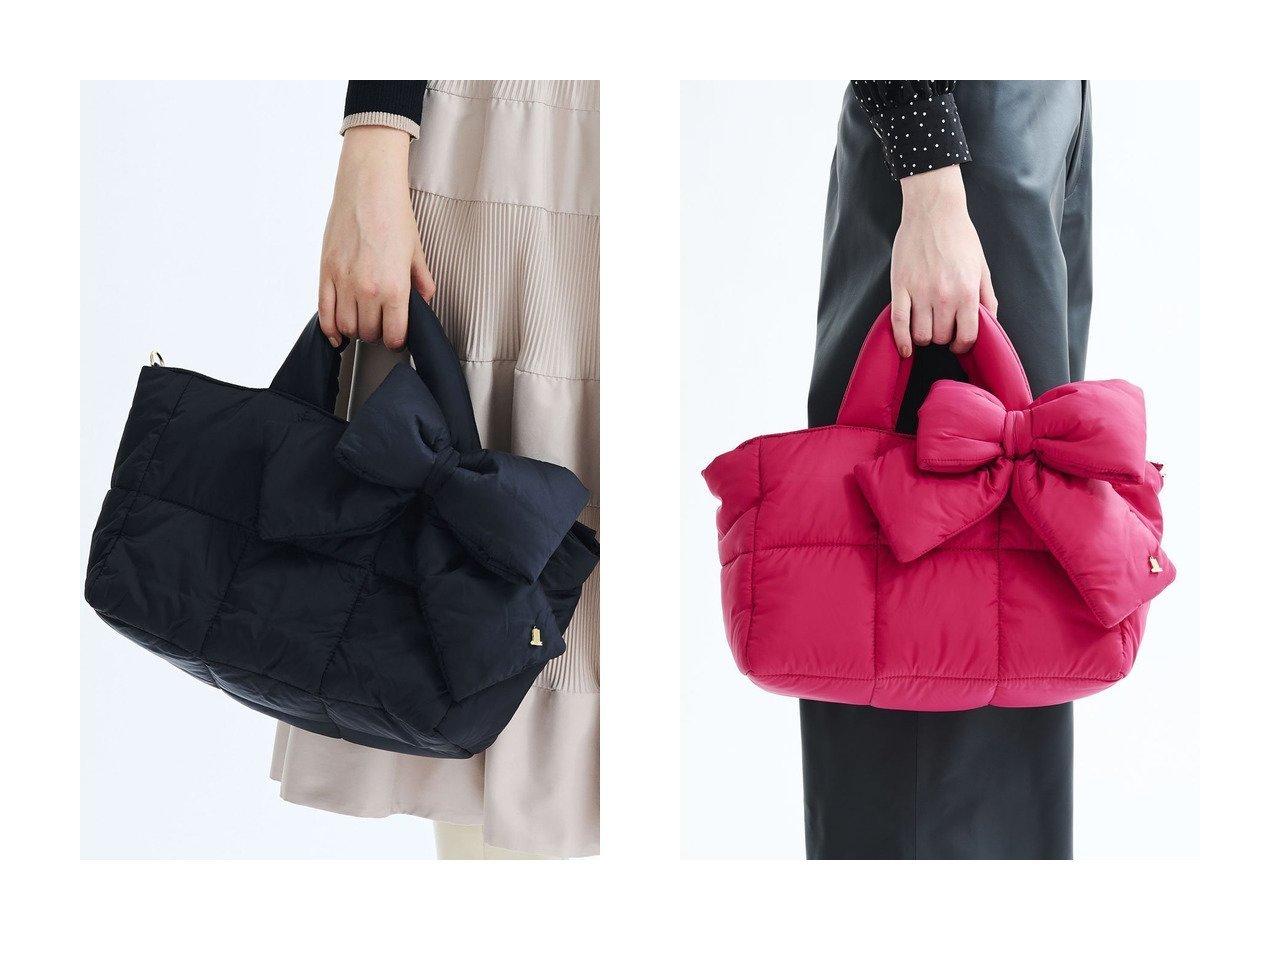 【LANVIN en Bleu/ランバン オン ブルー】のキルティングトートバッグ 【バッグ・鞄】おすすめ!人気、トレンド・レディースファッションの通販 おすすめで人気の流行・トレンド、ファッションの通販商品 インテリア・家具・メンズファッション・キッズファッション・レディースファッション・服の通販 founy(ファニー) https://founy.com/ ファッション Fashion レディースファッション WOMEN バッグ Bag キルティング ショルダー ビッグ ベーシック ポケット リボン |ID:crp329100000067734